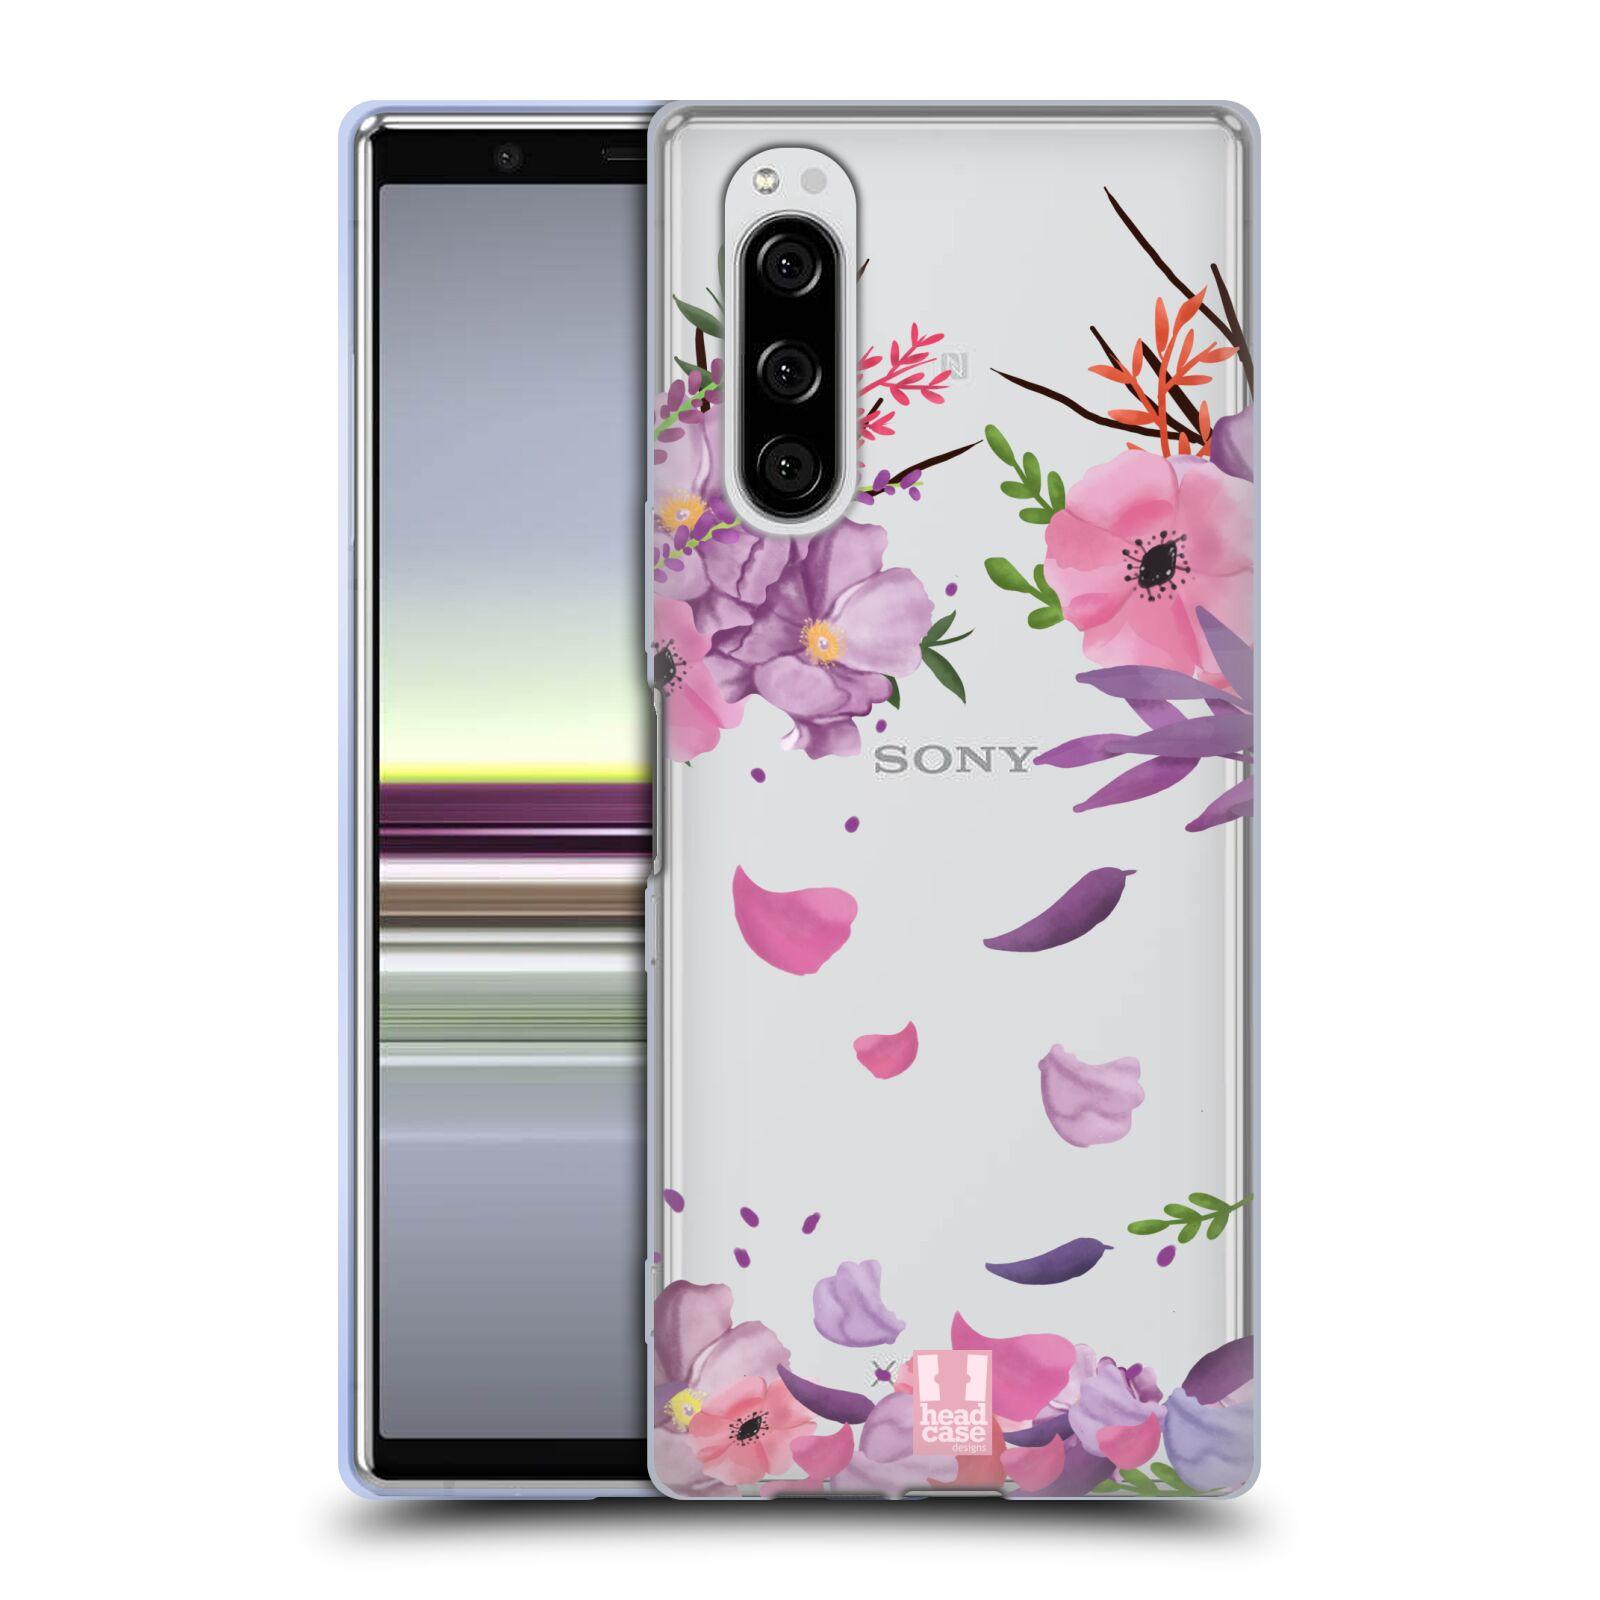 Silikonové pouzdro na mobil Sony Xperia 5 - Head Case - Okvětní lístky